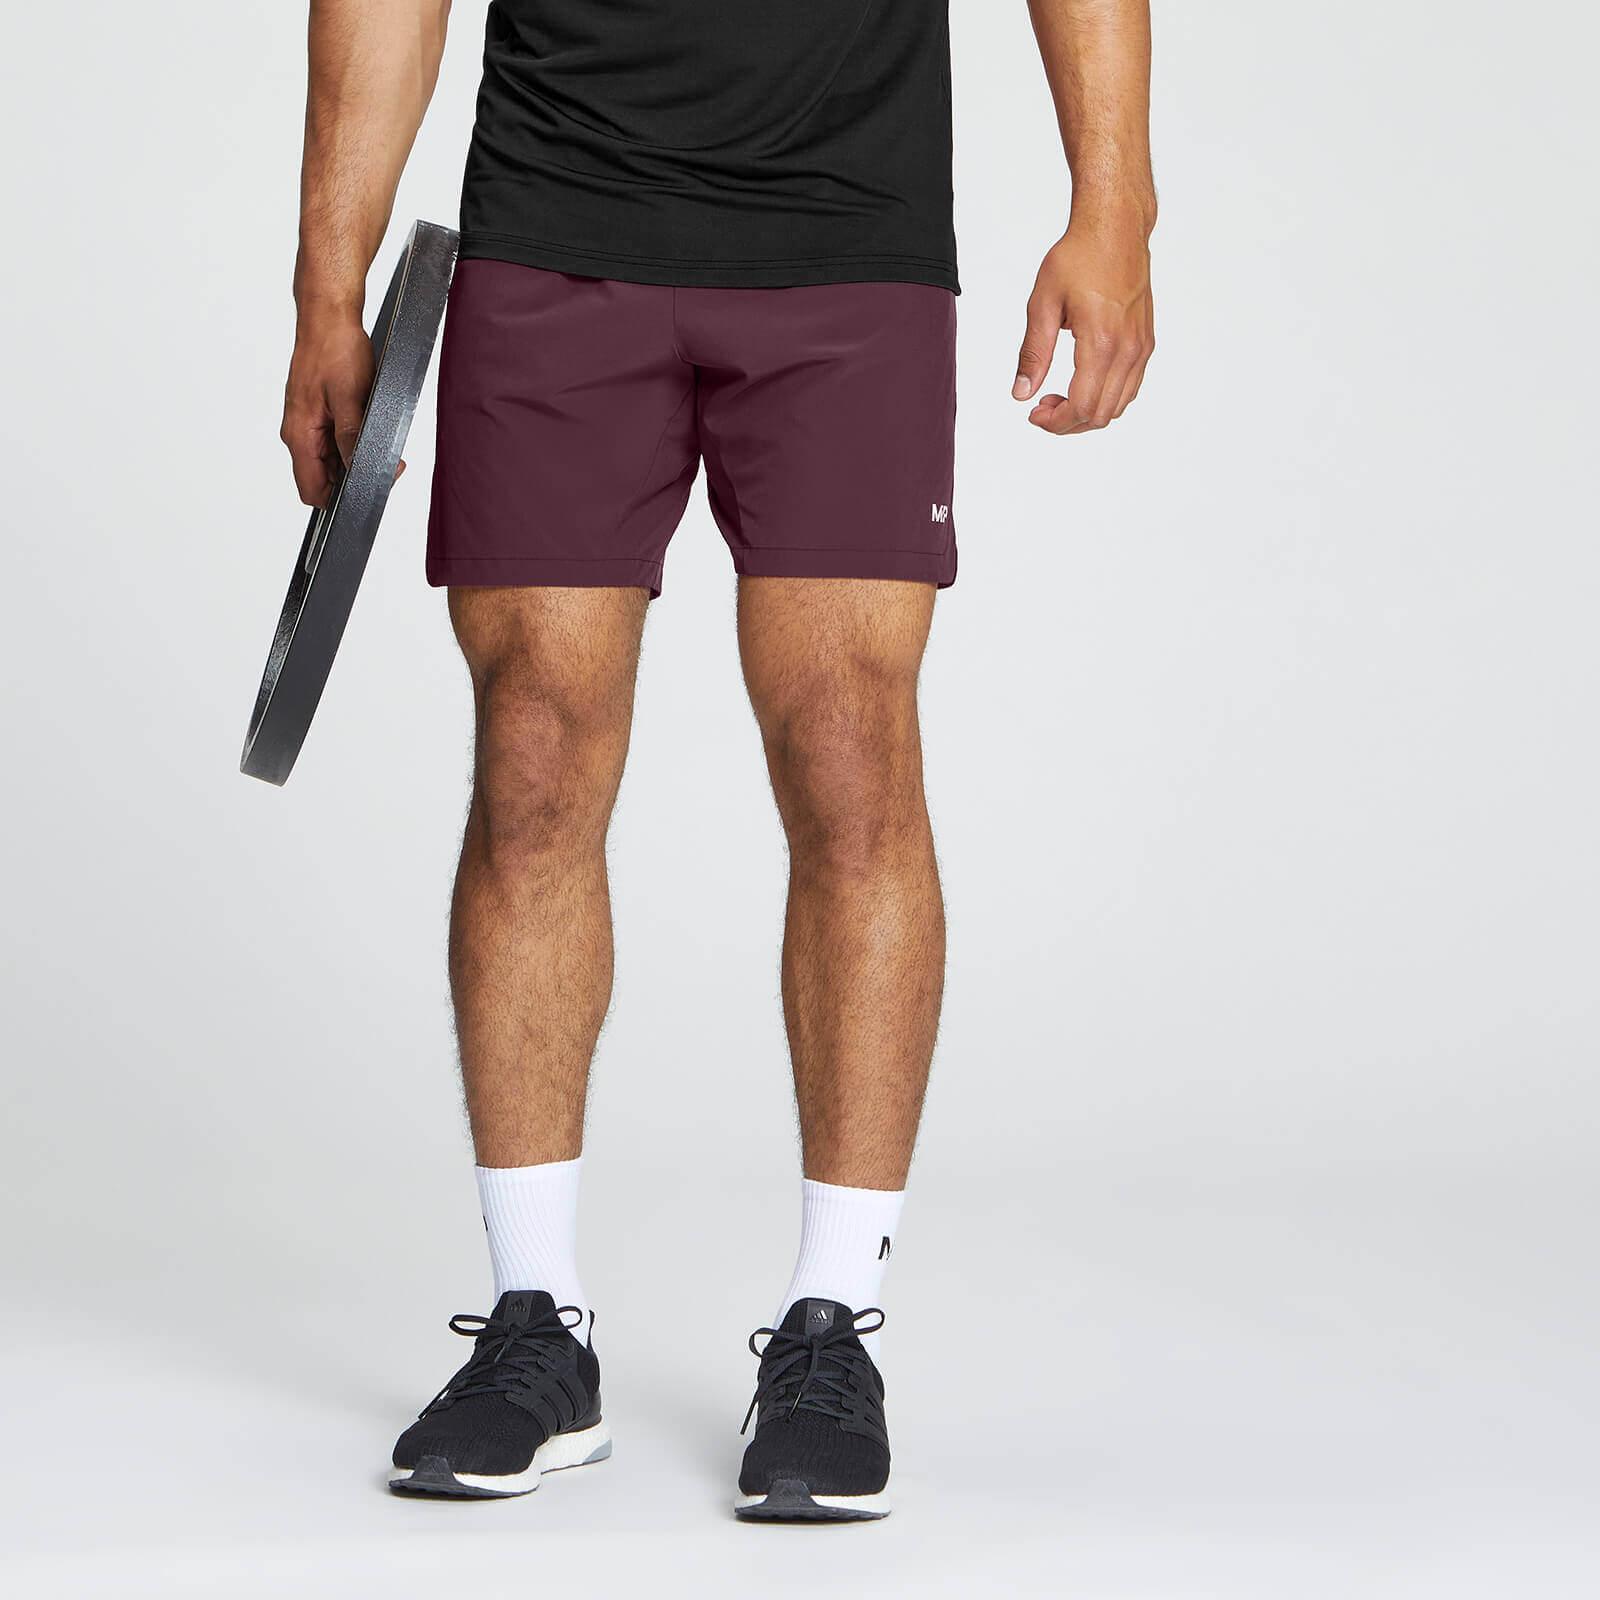 Купить Мужские спортивные шорты MP Essentials - XXS, Myprotein International